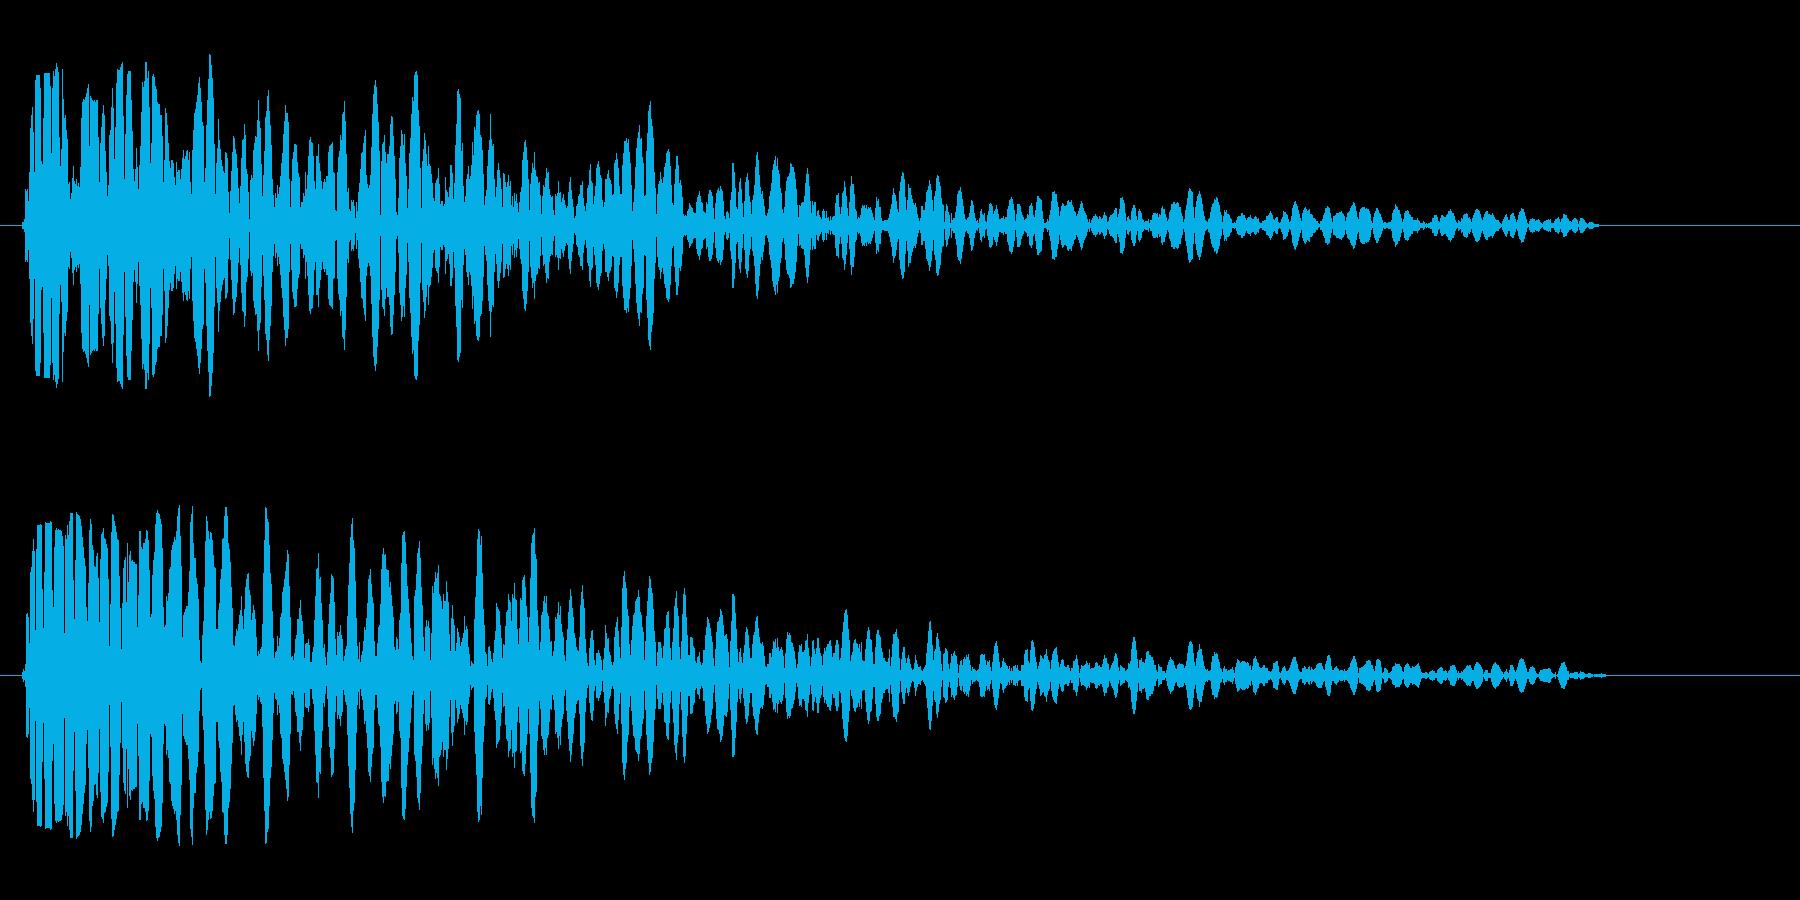 ドン(低音で深く響く音)の再生済みの波形